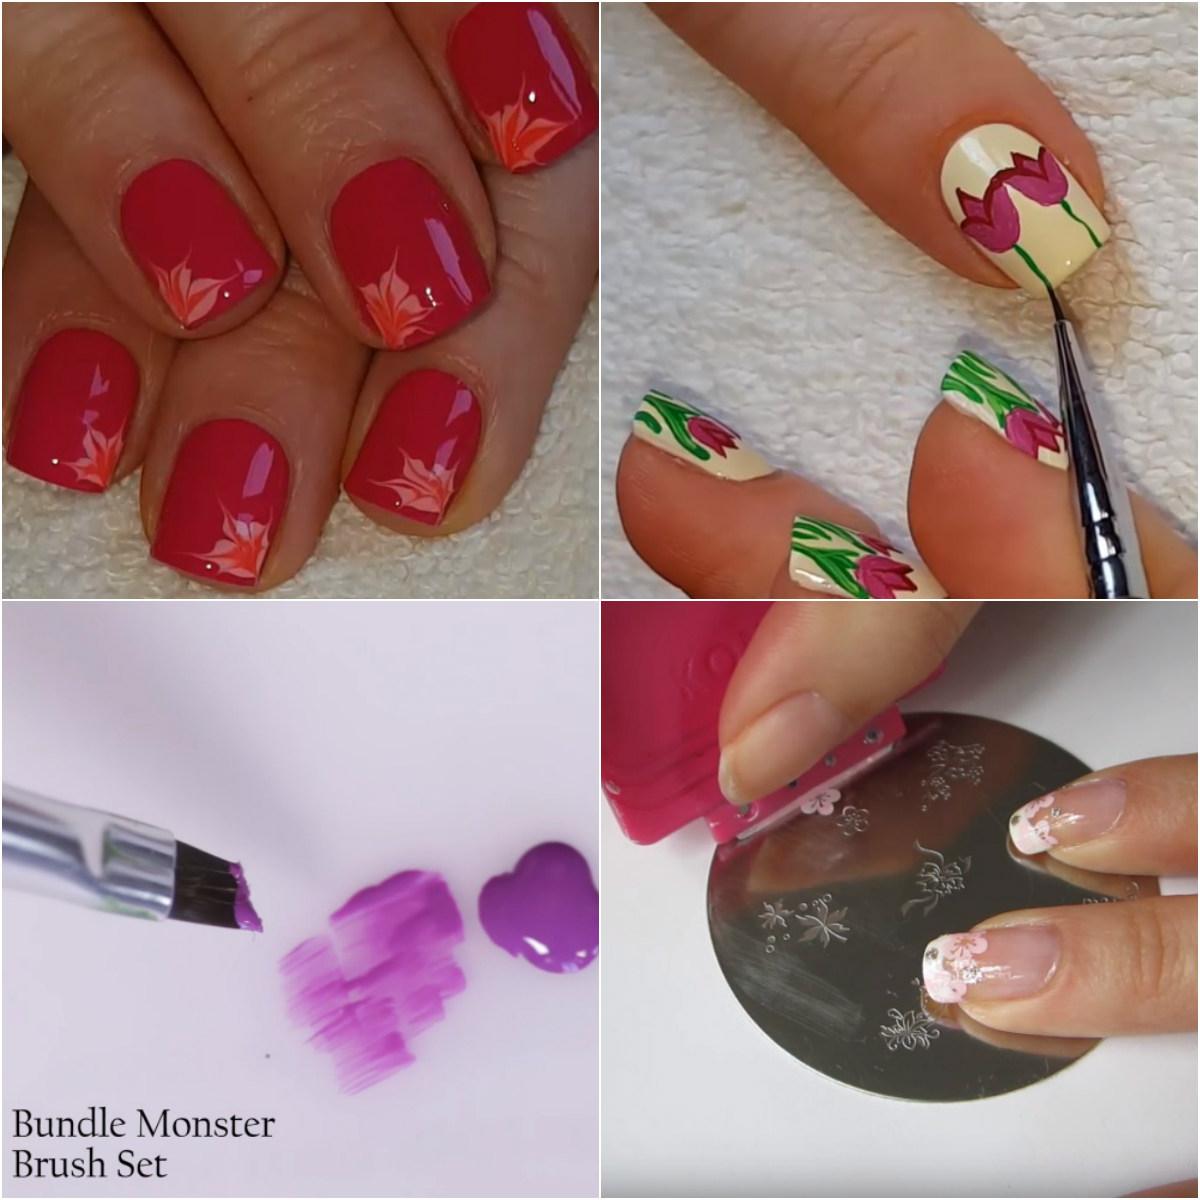 Nail Art | Nail Designs | Nail Makeup Tips | DIY Nail Art - Top ...